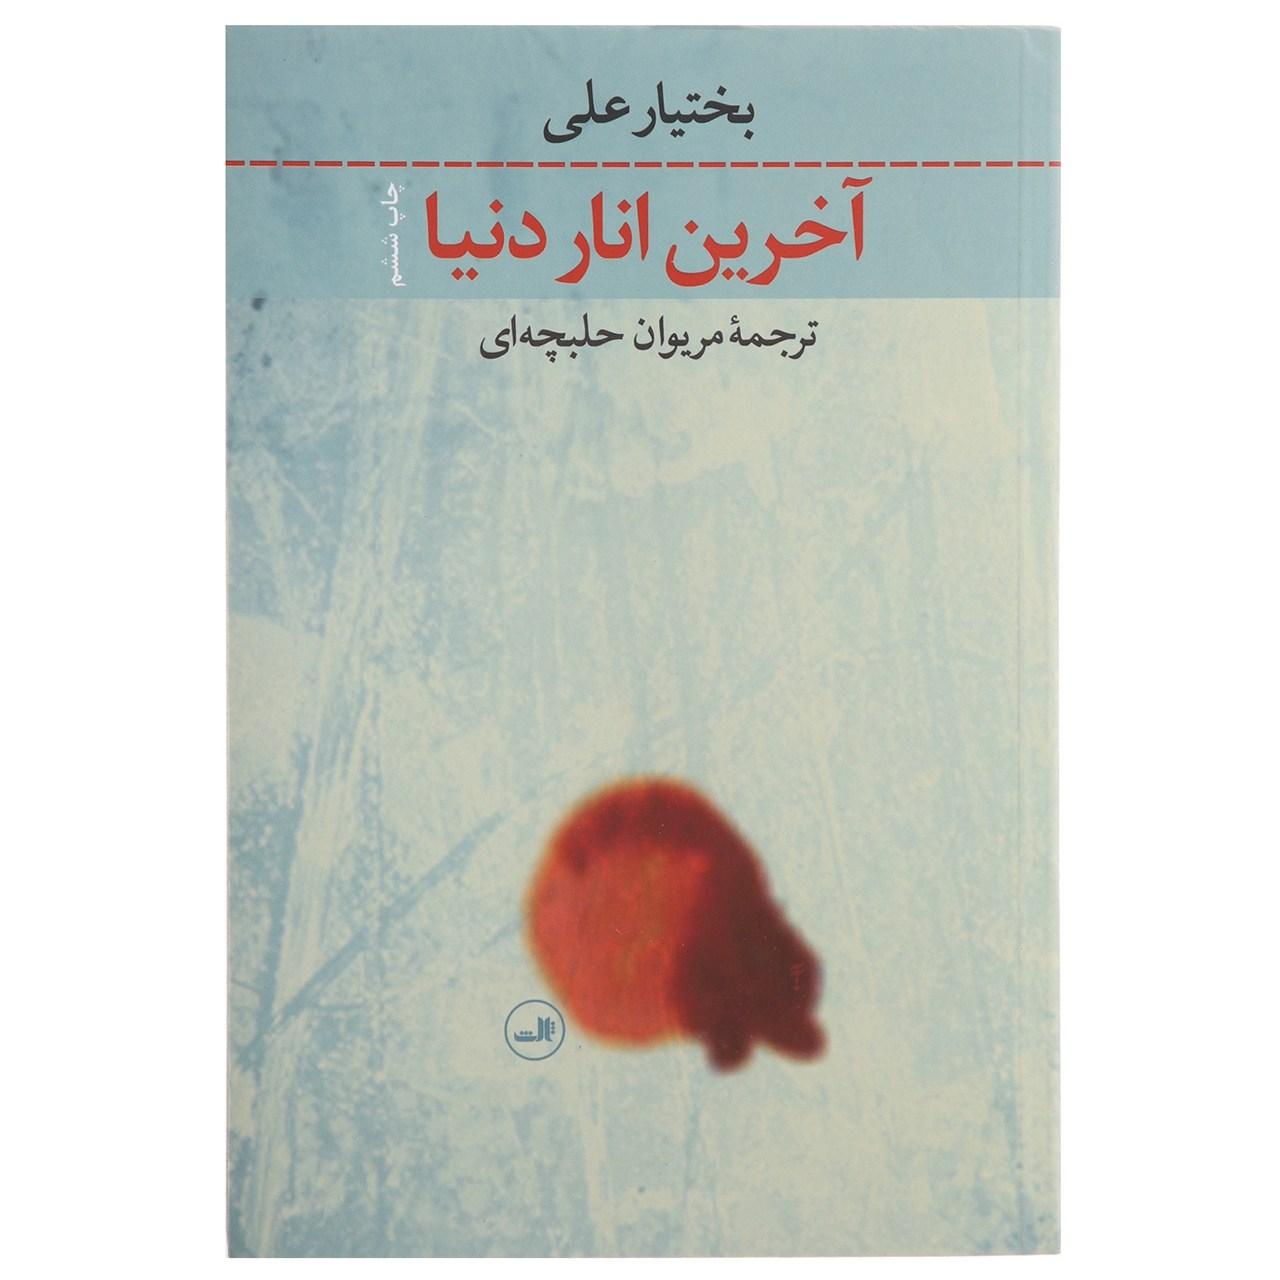 کتاب آخرین انار دنیا اثر بختیار علی